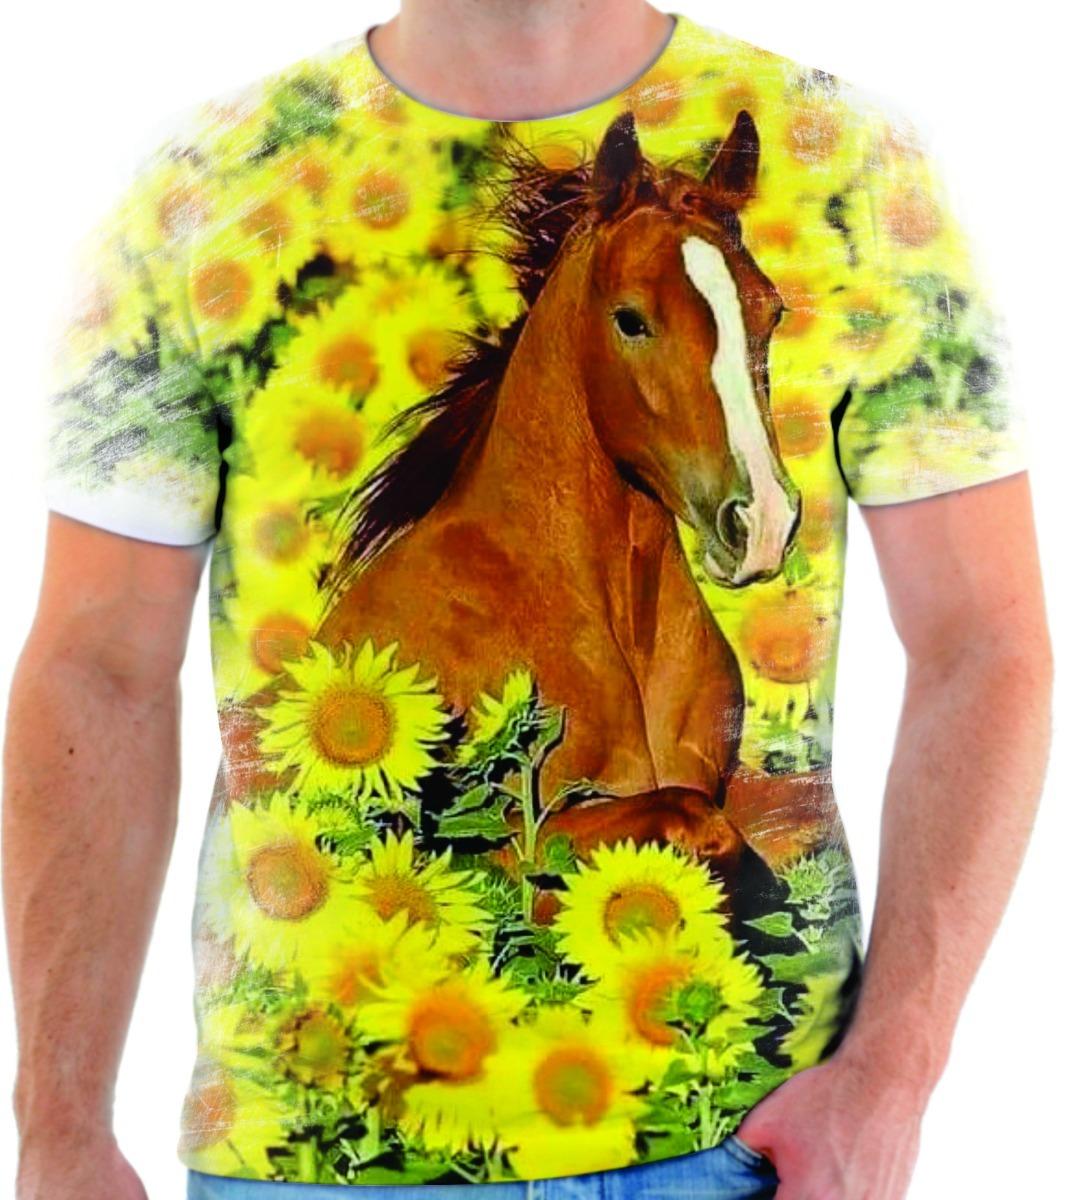 3e8df82a6a5fb Camiseta Camisa Blusa Animal Cavalo Cowboy Bicho 01 - R  49